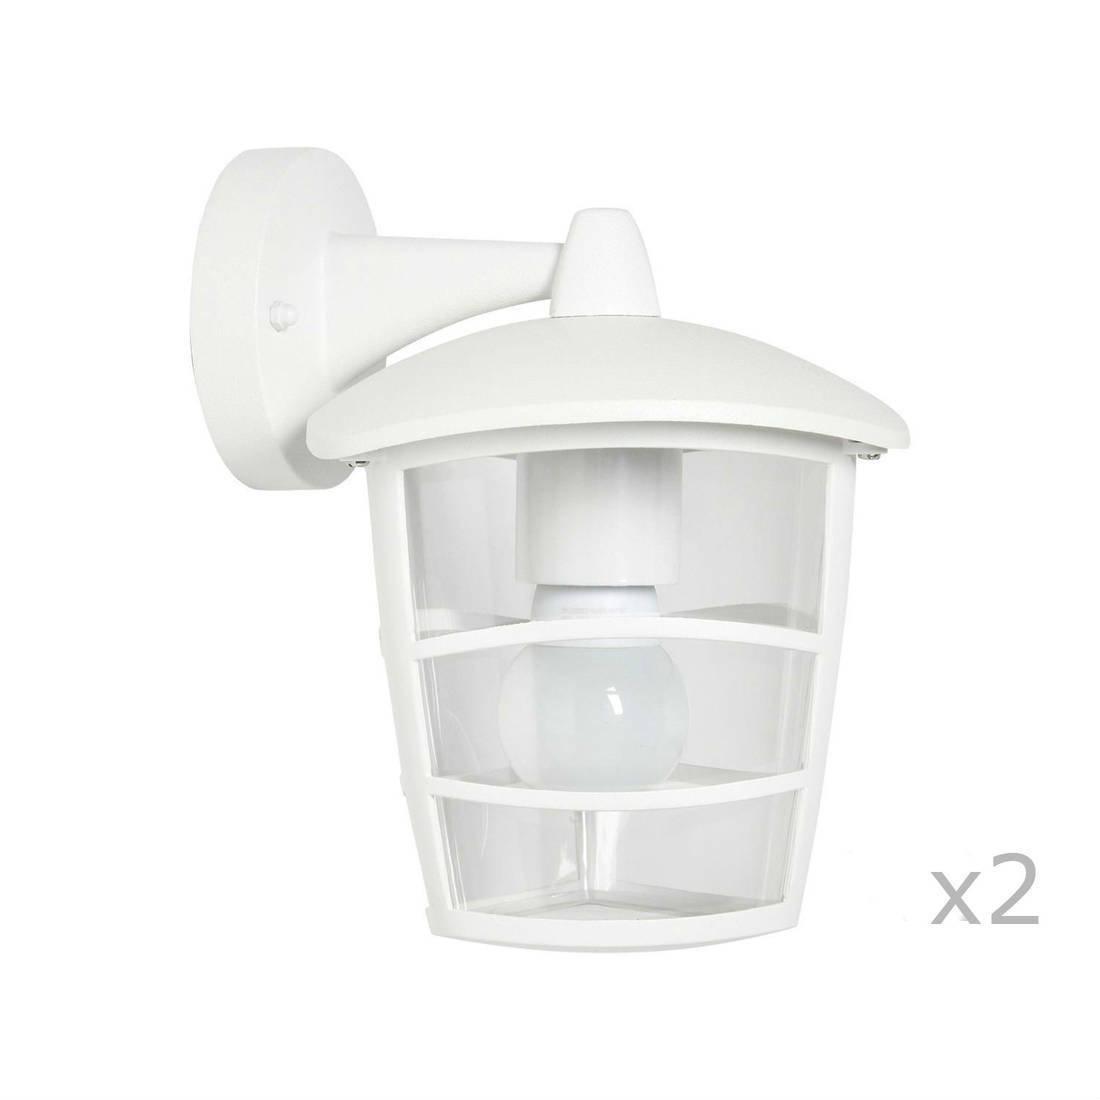 ALORIA - 2 Appliques d'extérieur Descendante Blanc H22,50cm - Luminaire d'extérieur Eglo designé par